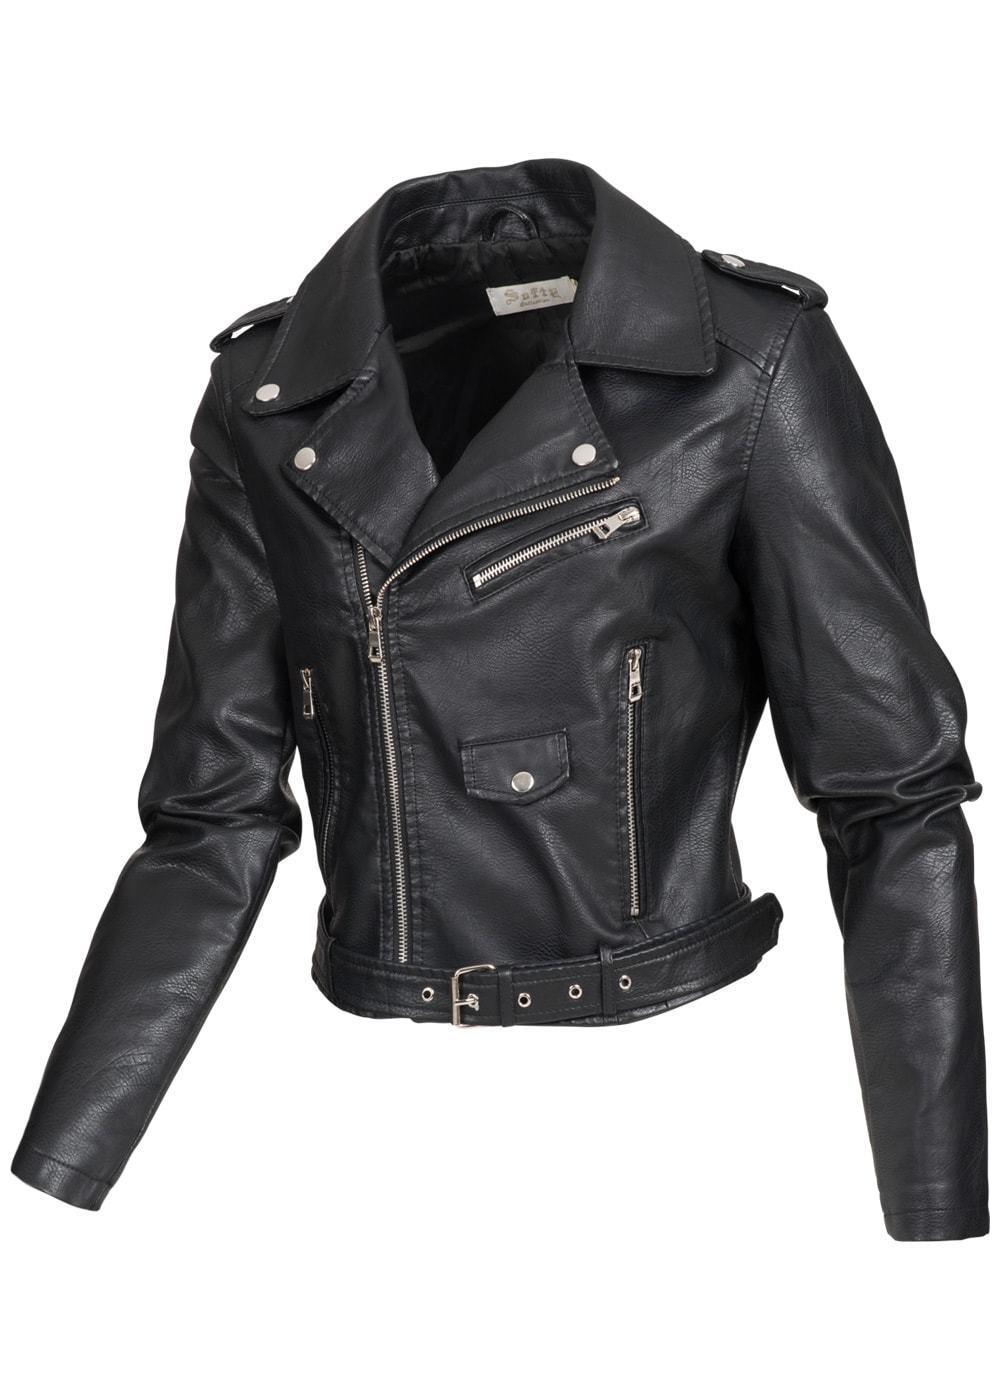 70181107 Damen Softy Outerwear Bikerjacke PU Kunstlederjacke schwarz